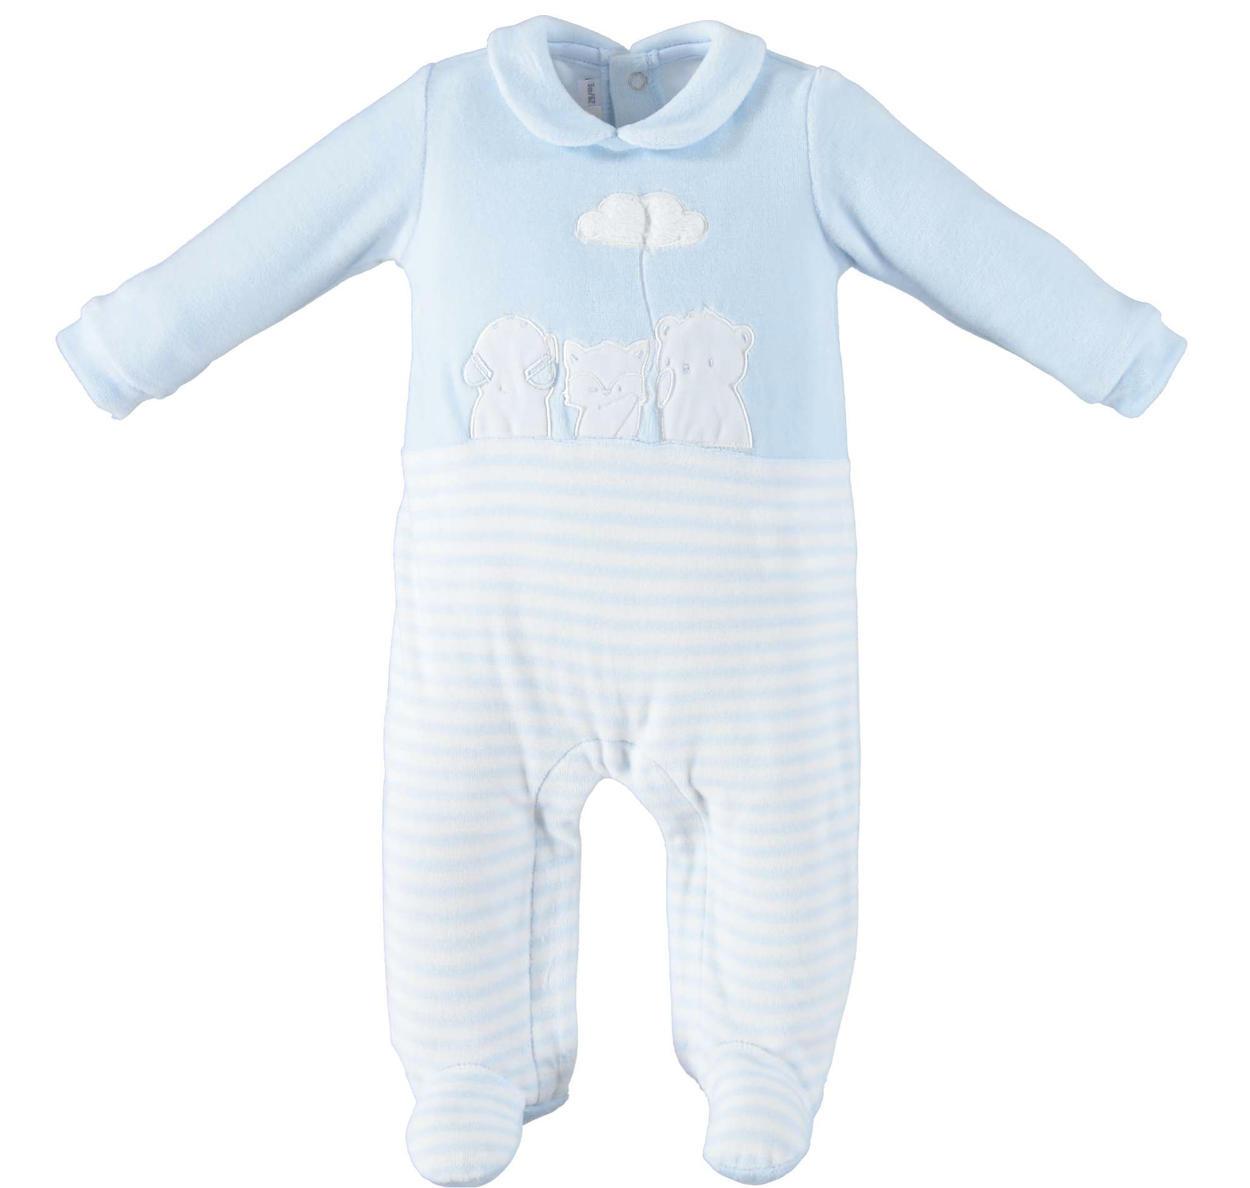 seleziona per il meglio aspetto dettagliato vari tipi di Tutina intera modello unisex in ciniglia per neonati da 0 a 24 mesi  Minibanda